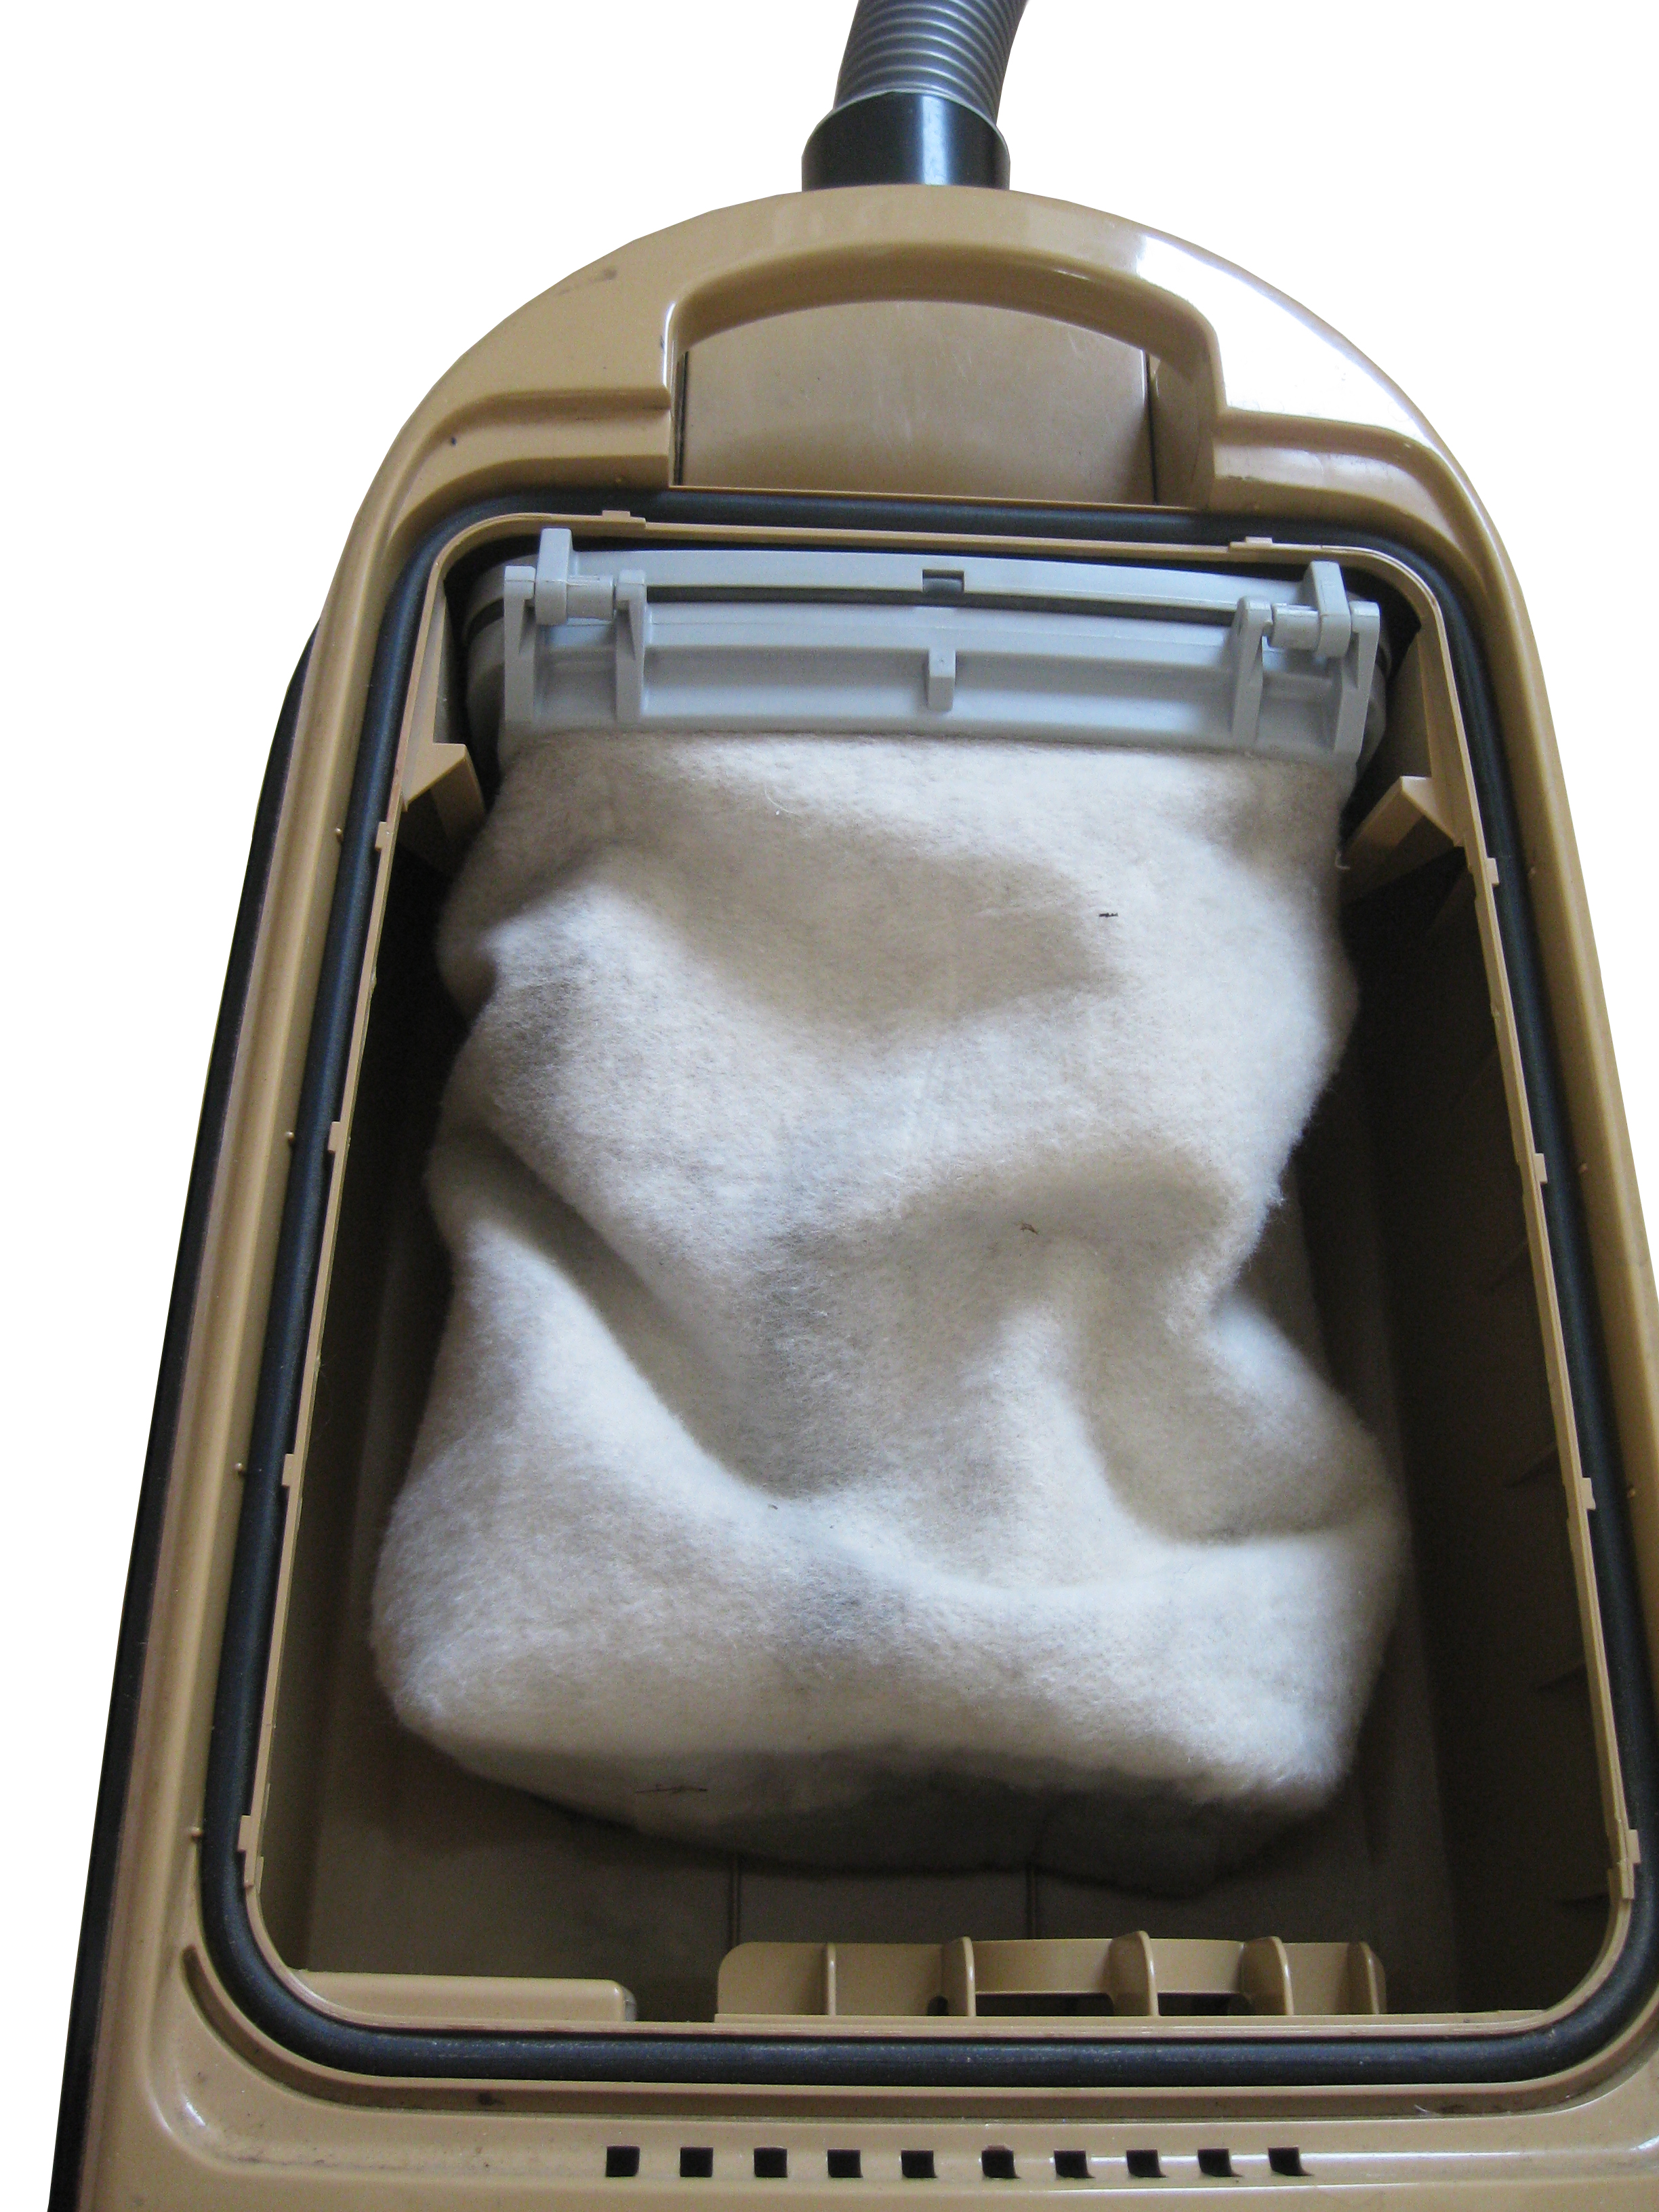 FileVacuum Cleaner Bag In Vacuum